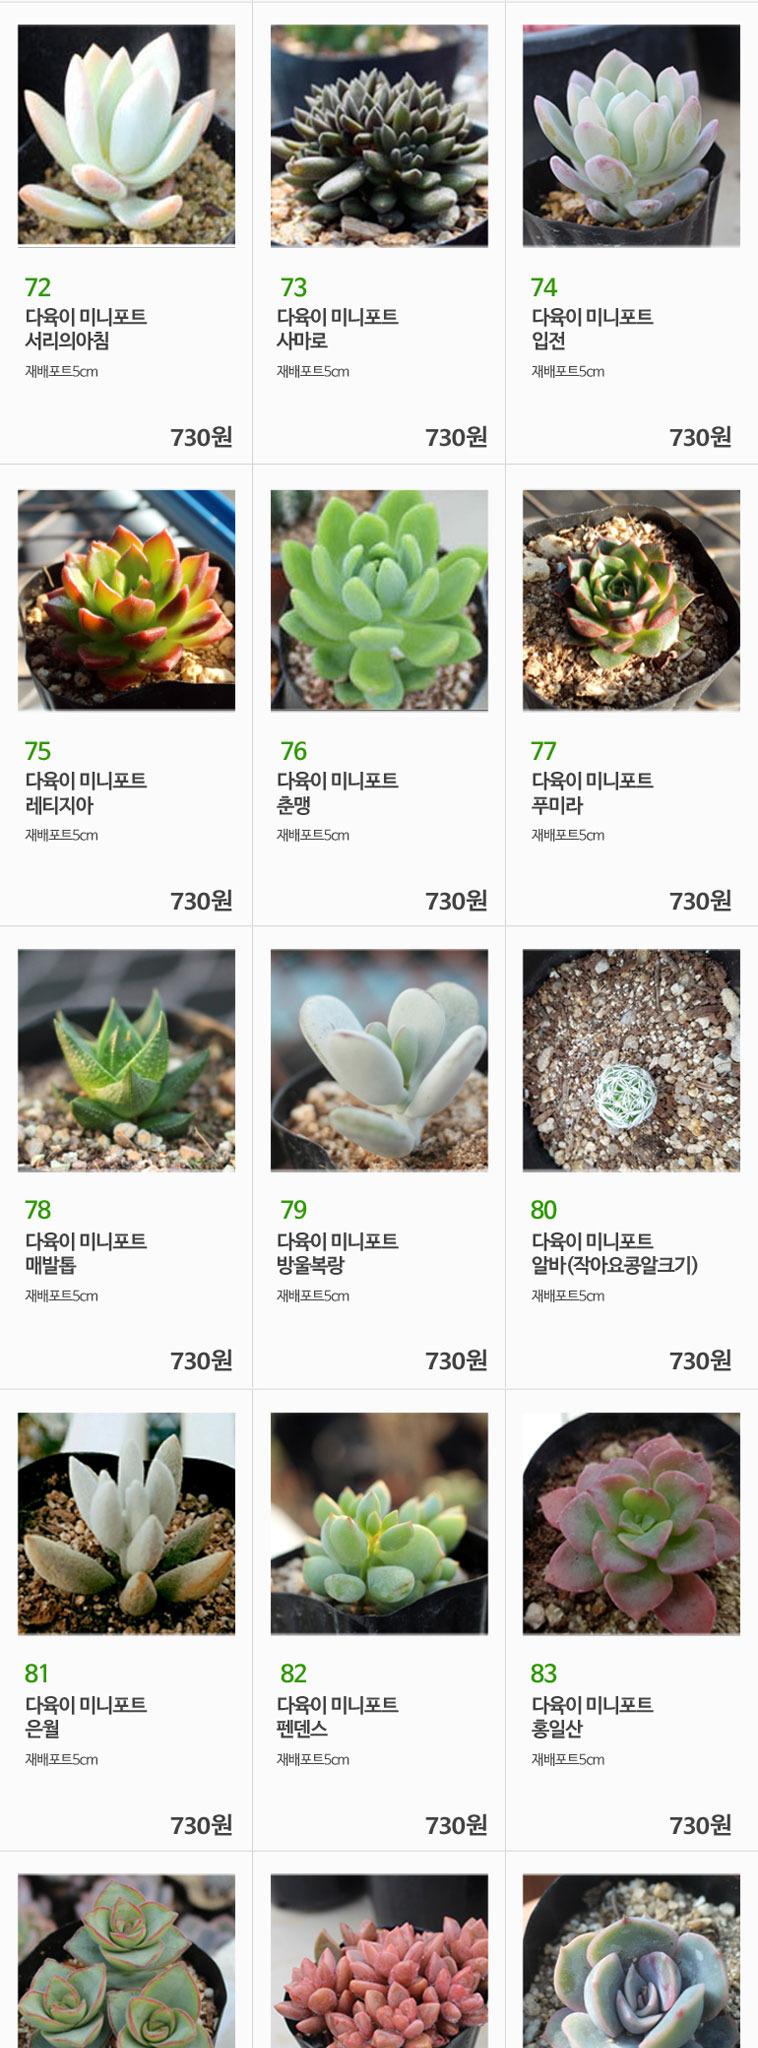 올망졸망 다육식물 골라담기 296종 - 상세정보